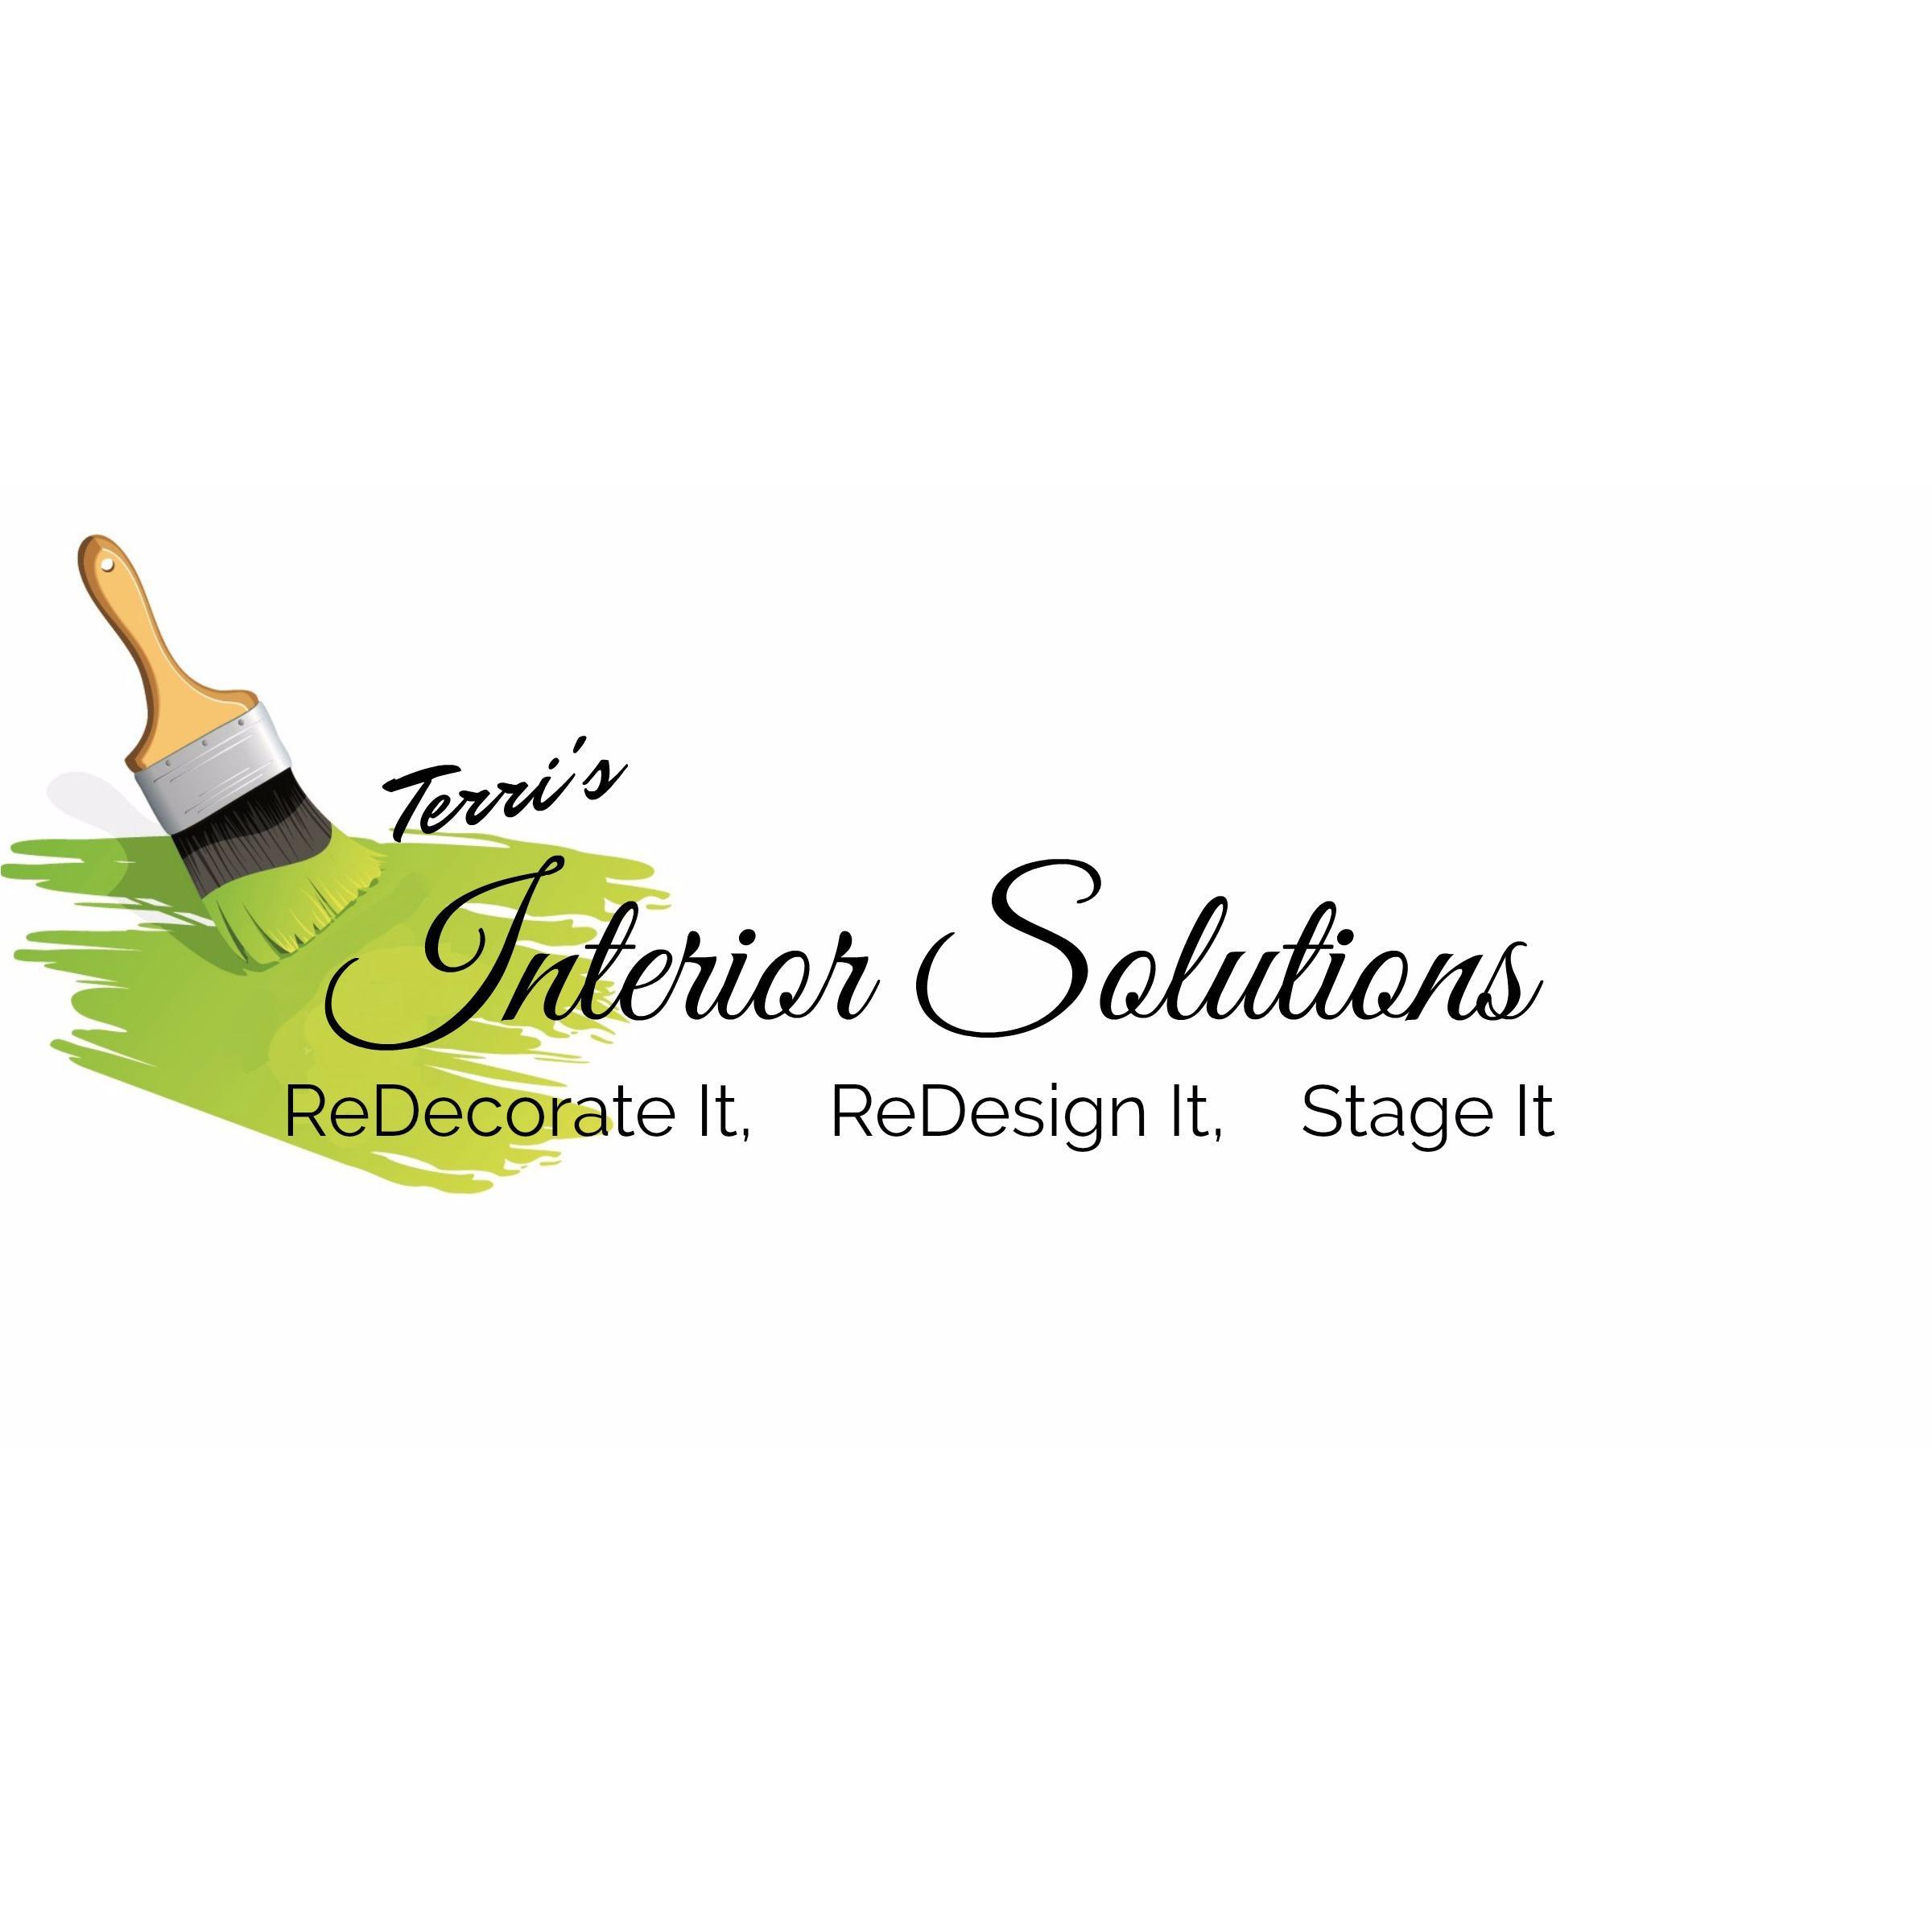 Terri's Interior Solutions